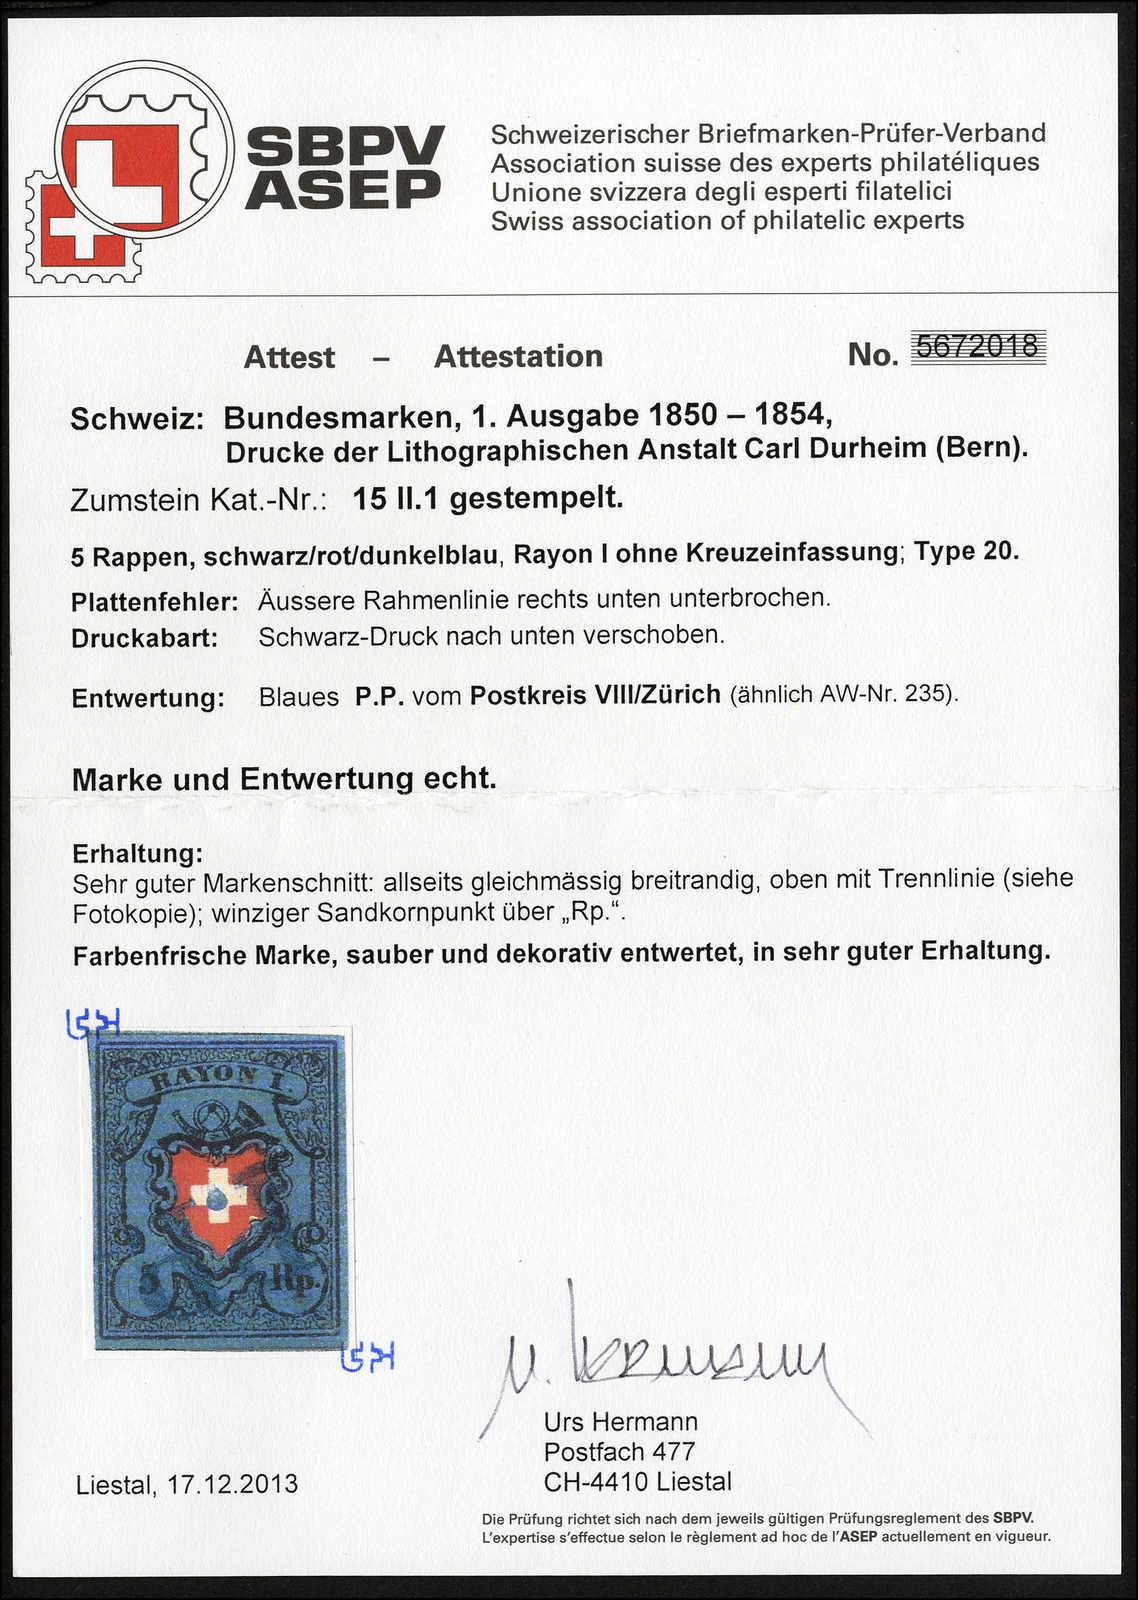 Lot 11 - sammlungen und posten sammlungen und posten altschweiz -  Rolli Auctions Auction #68 Day 1